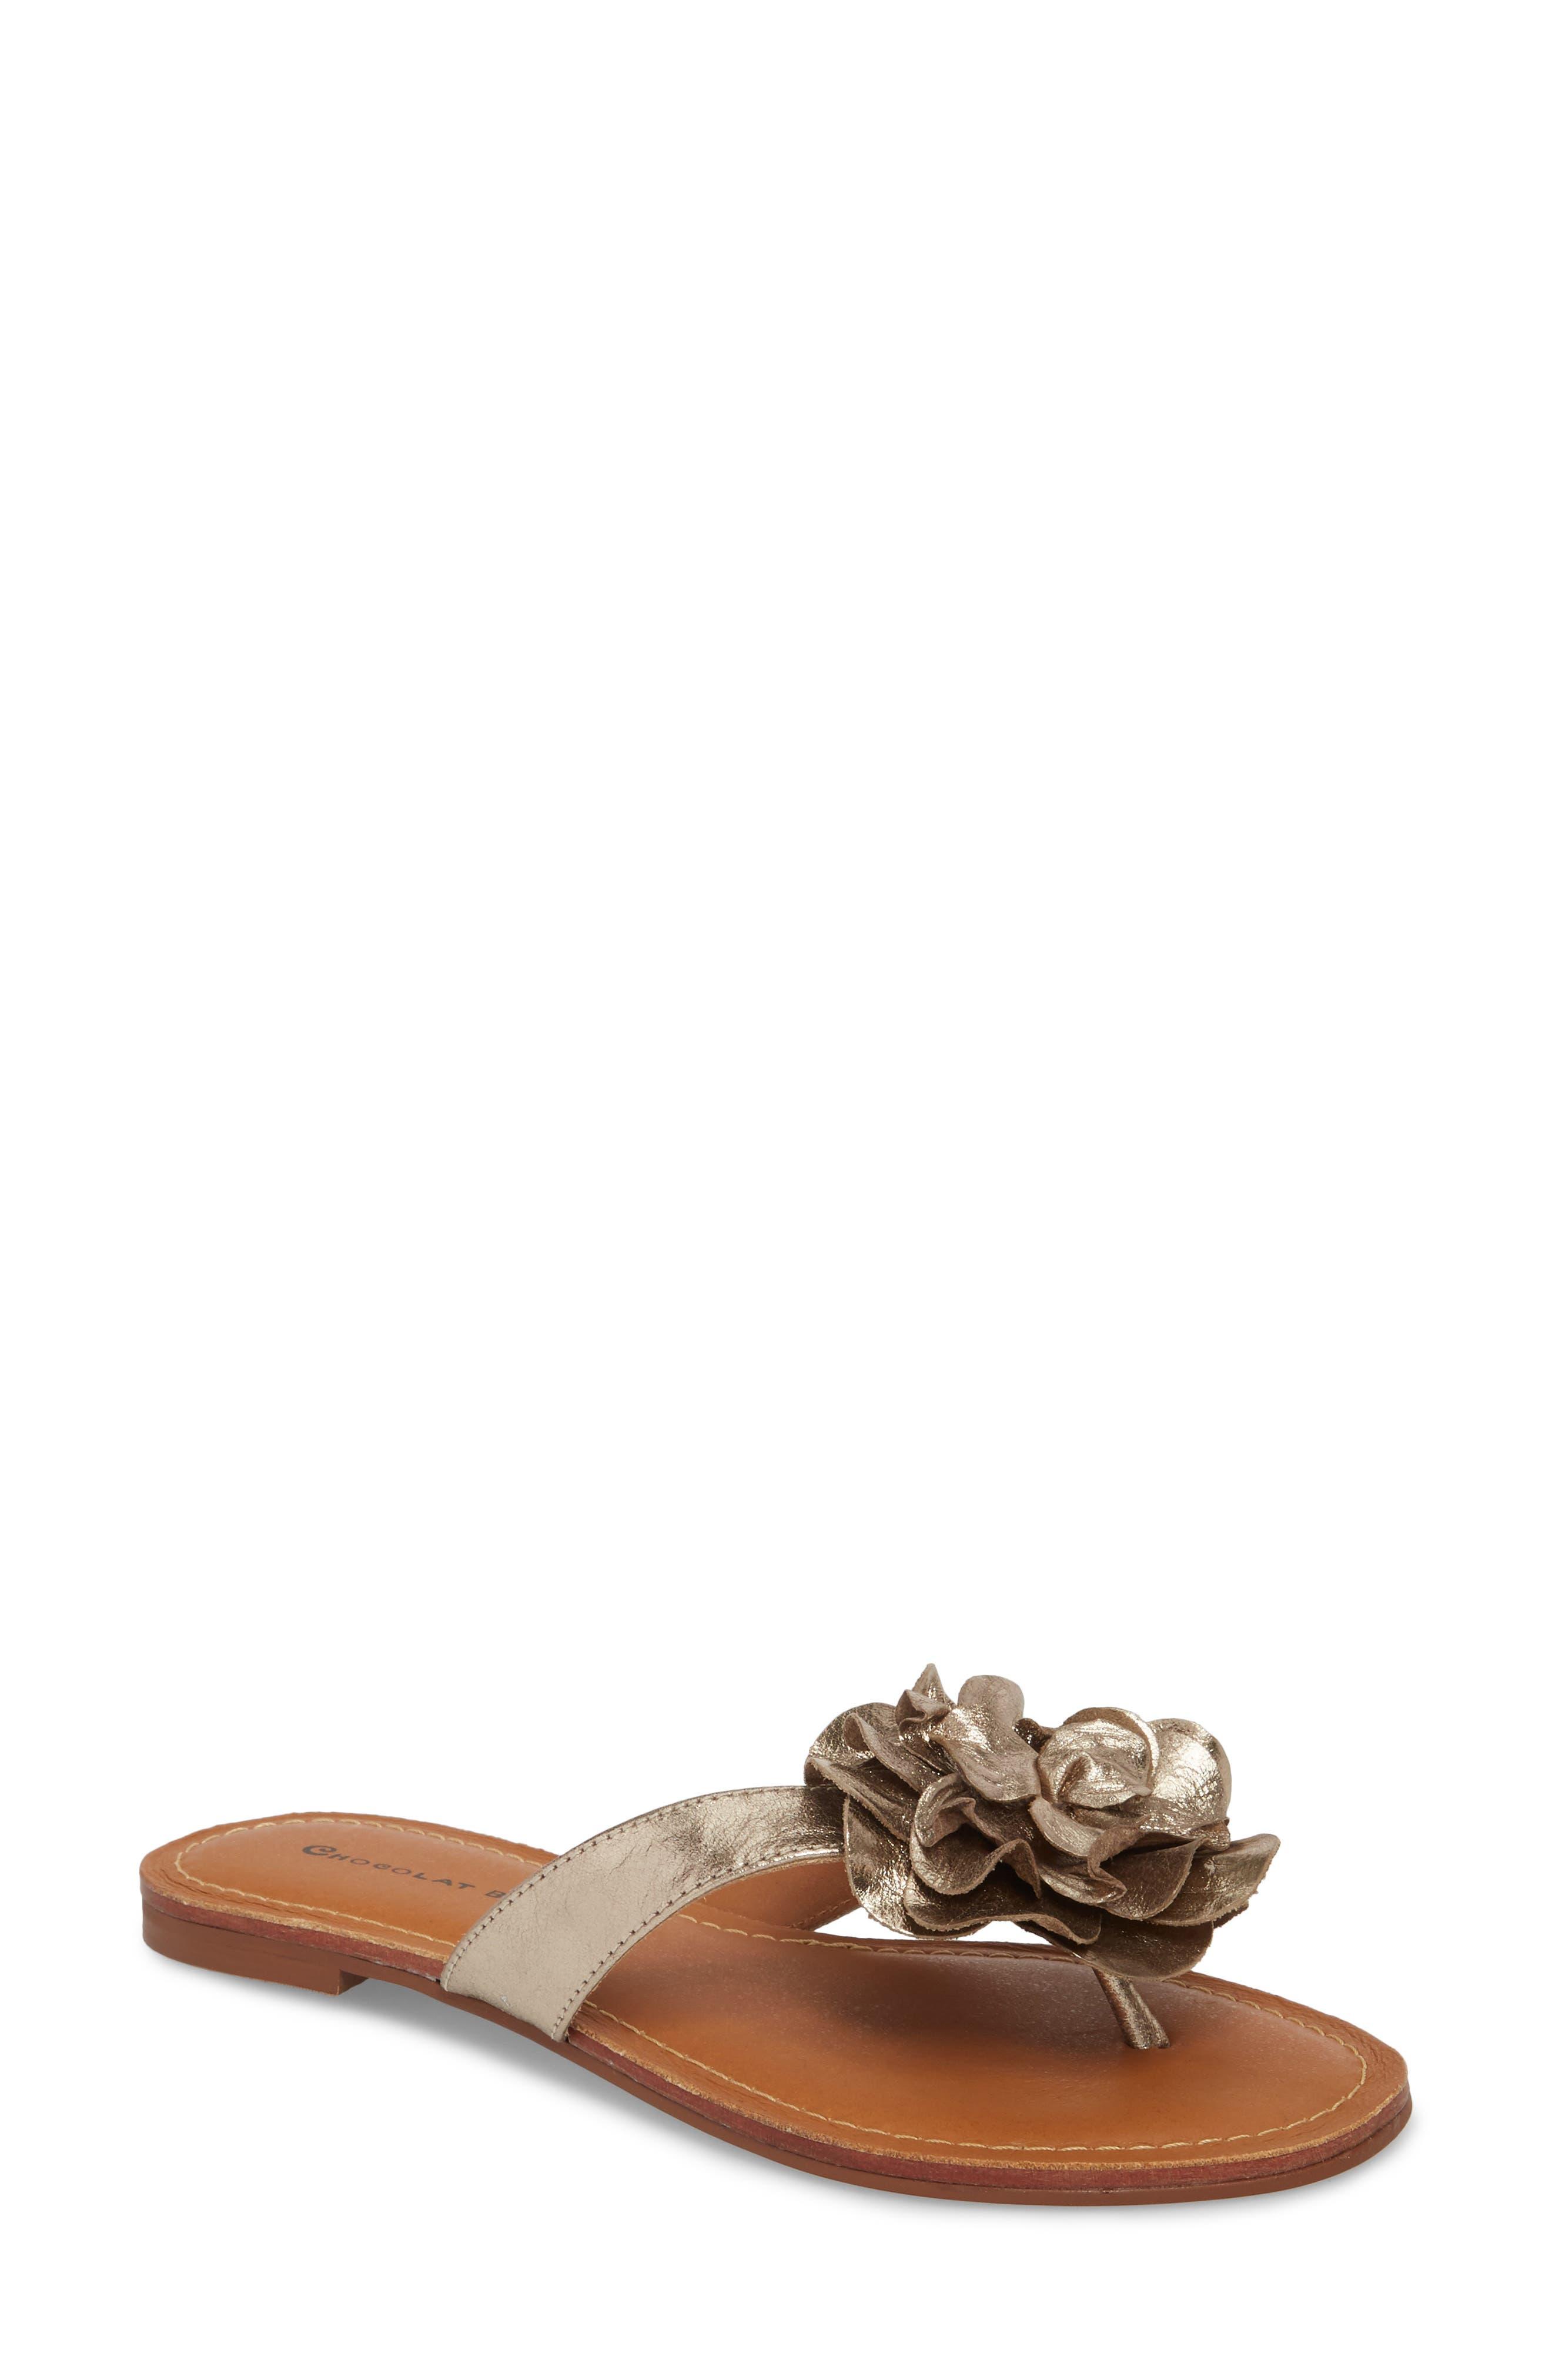 Bibi Sandal,                         Main,                         color,